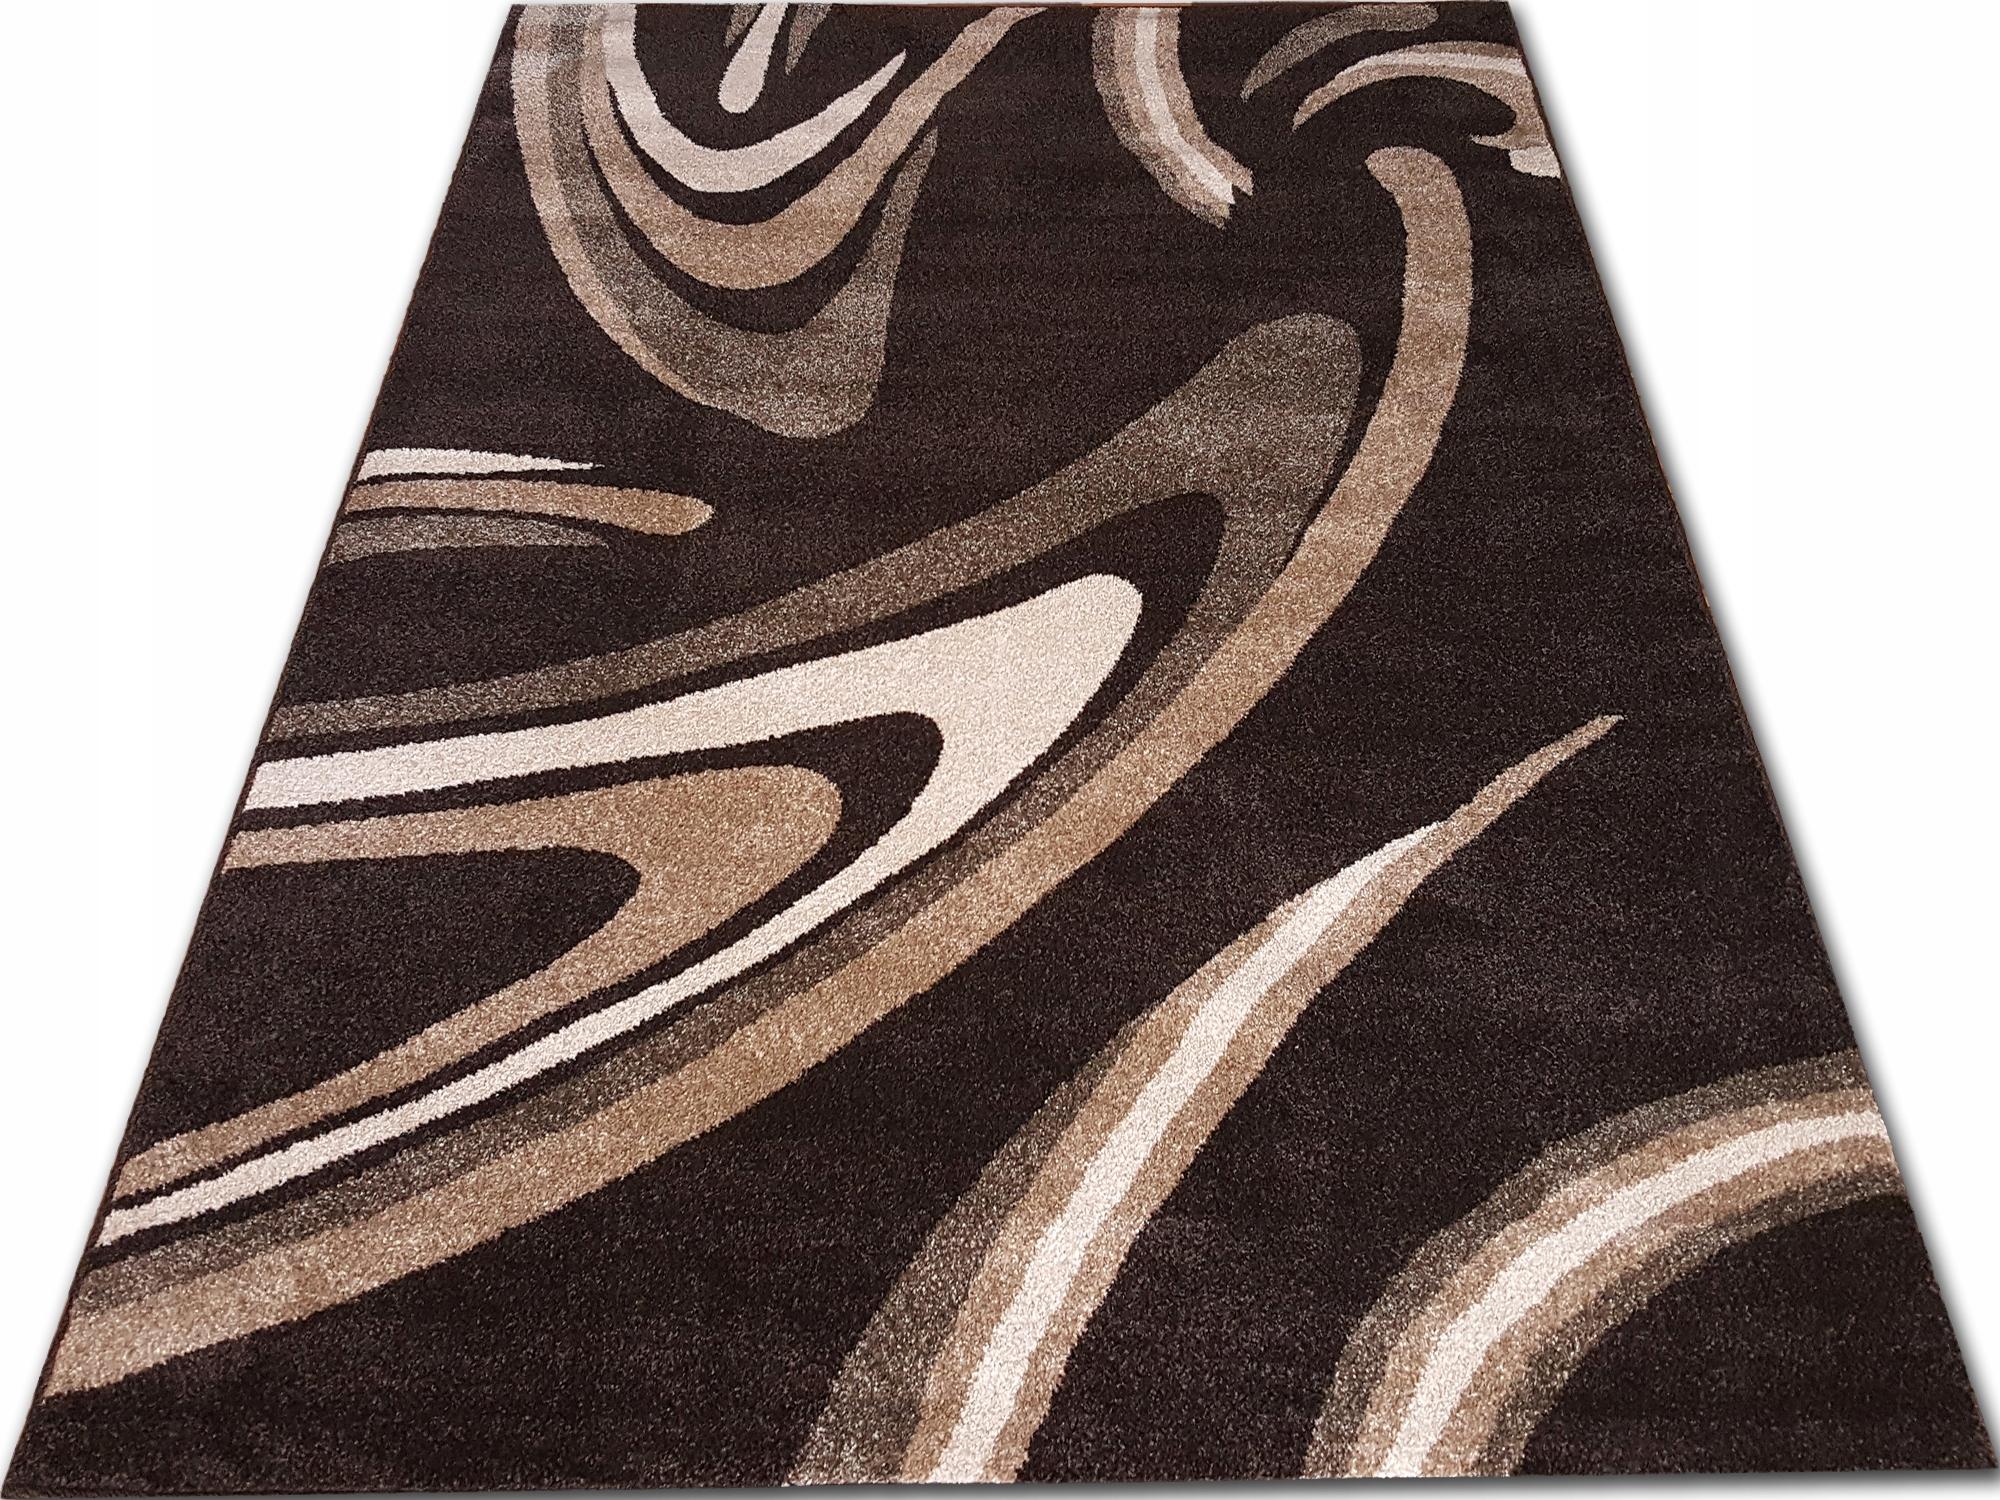 Dywany nowoczesne 160x220 gruby gęsty dywan brąz Zdjęcie